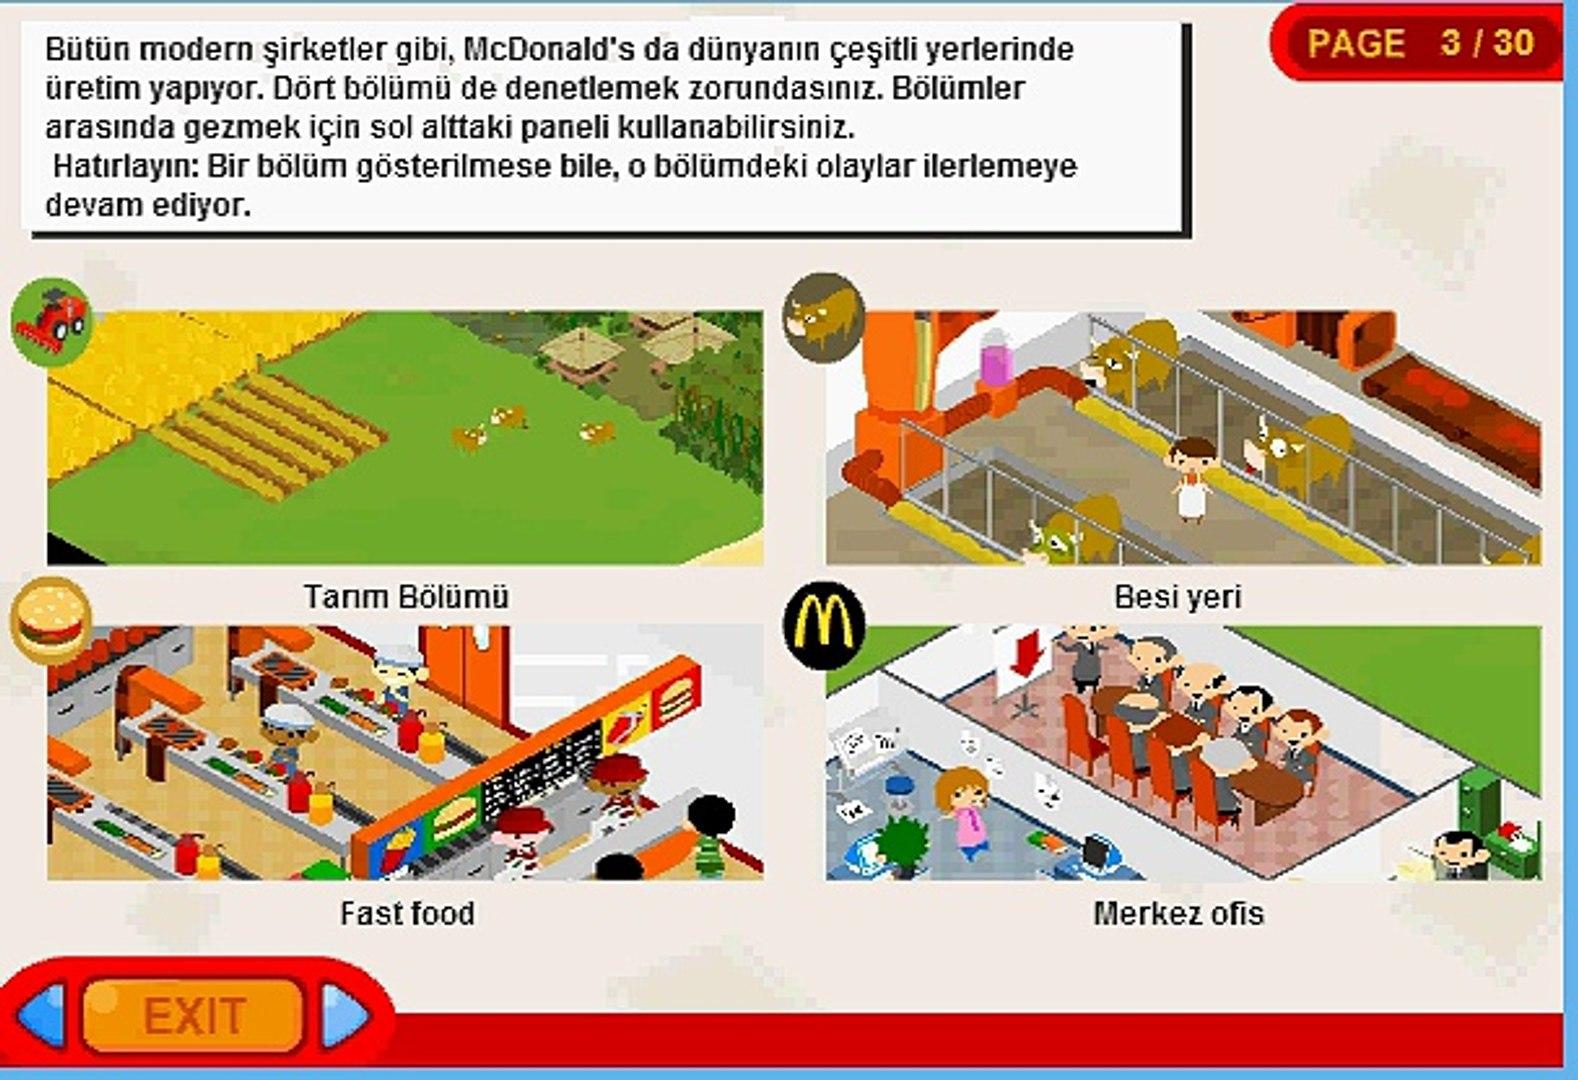 McDonalds Yönet Oyunu Nasıl Oynanır Oyun Çözümü - Akrep Oyun